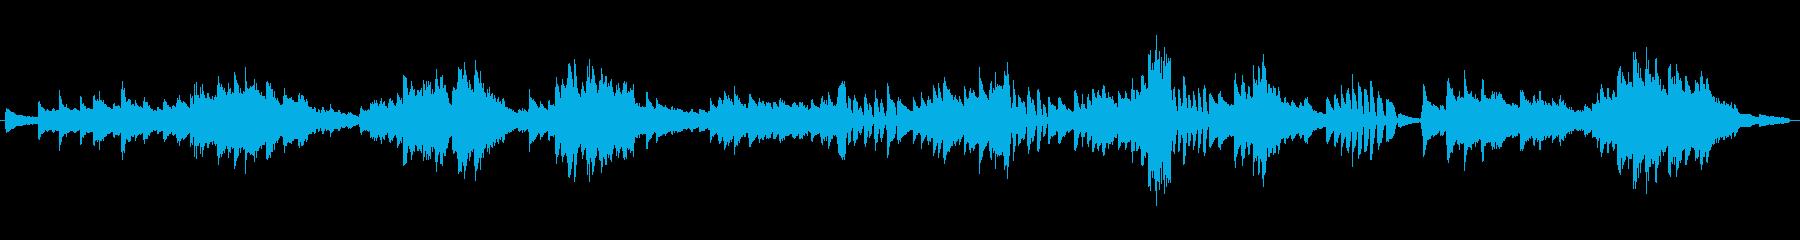 シューマン 飛翔 中間部分よりの再生済みの波形